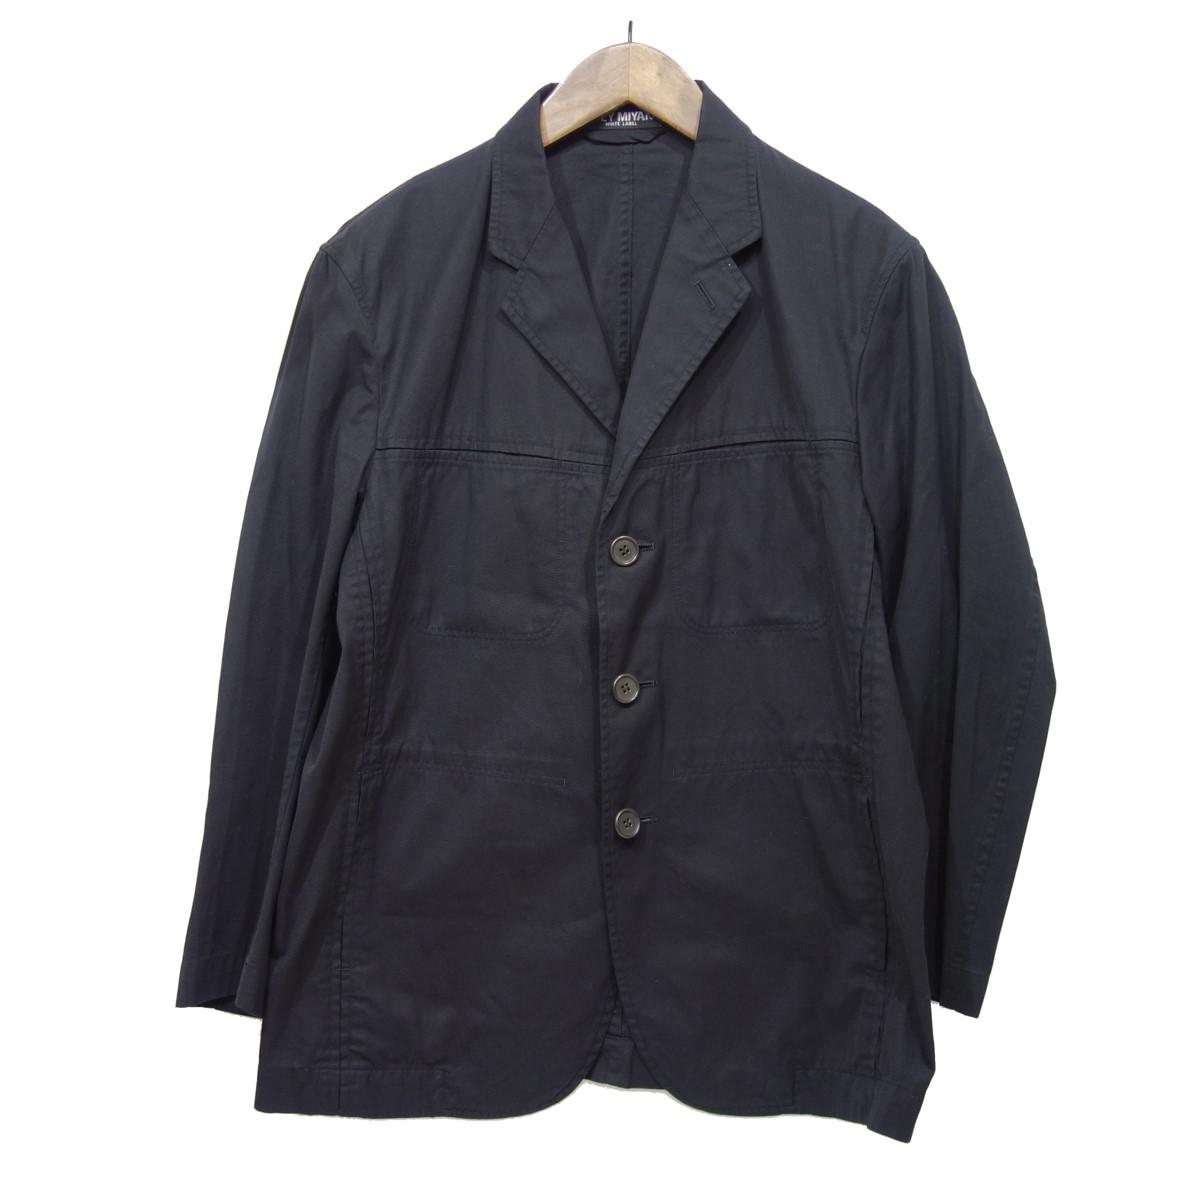 【中古】ISSEY MIYAKE WHITE LABEL 3Bジャケット ブラック サイズ:1 【070420】(イッセイミヤケ ホワイトレーベル)